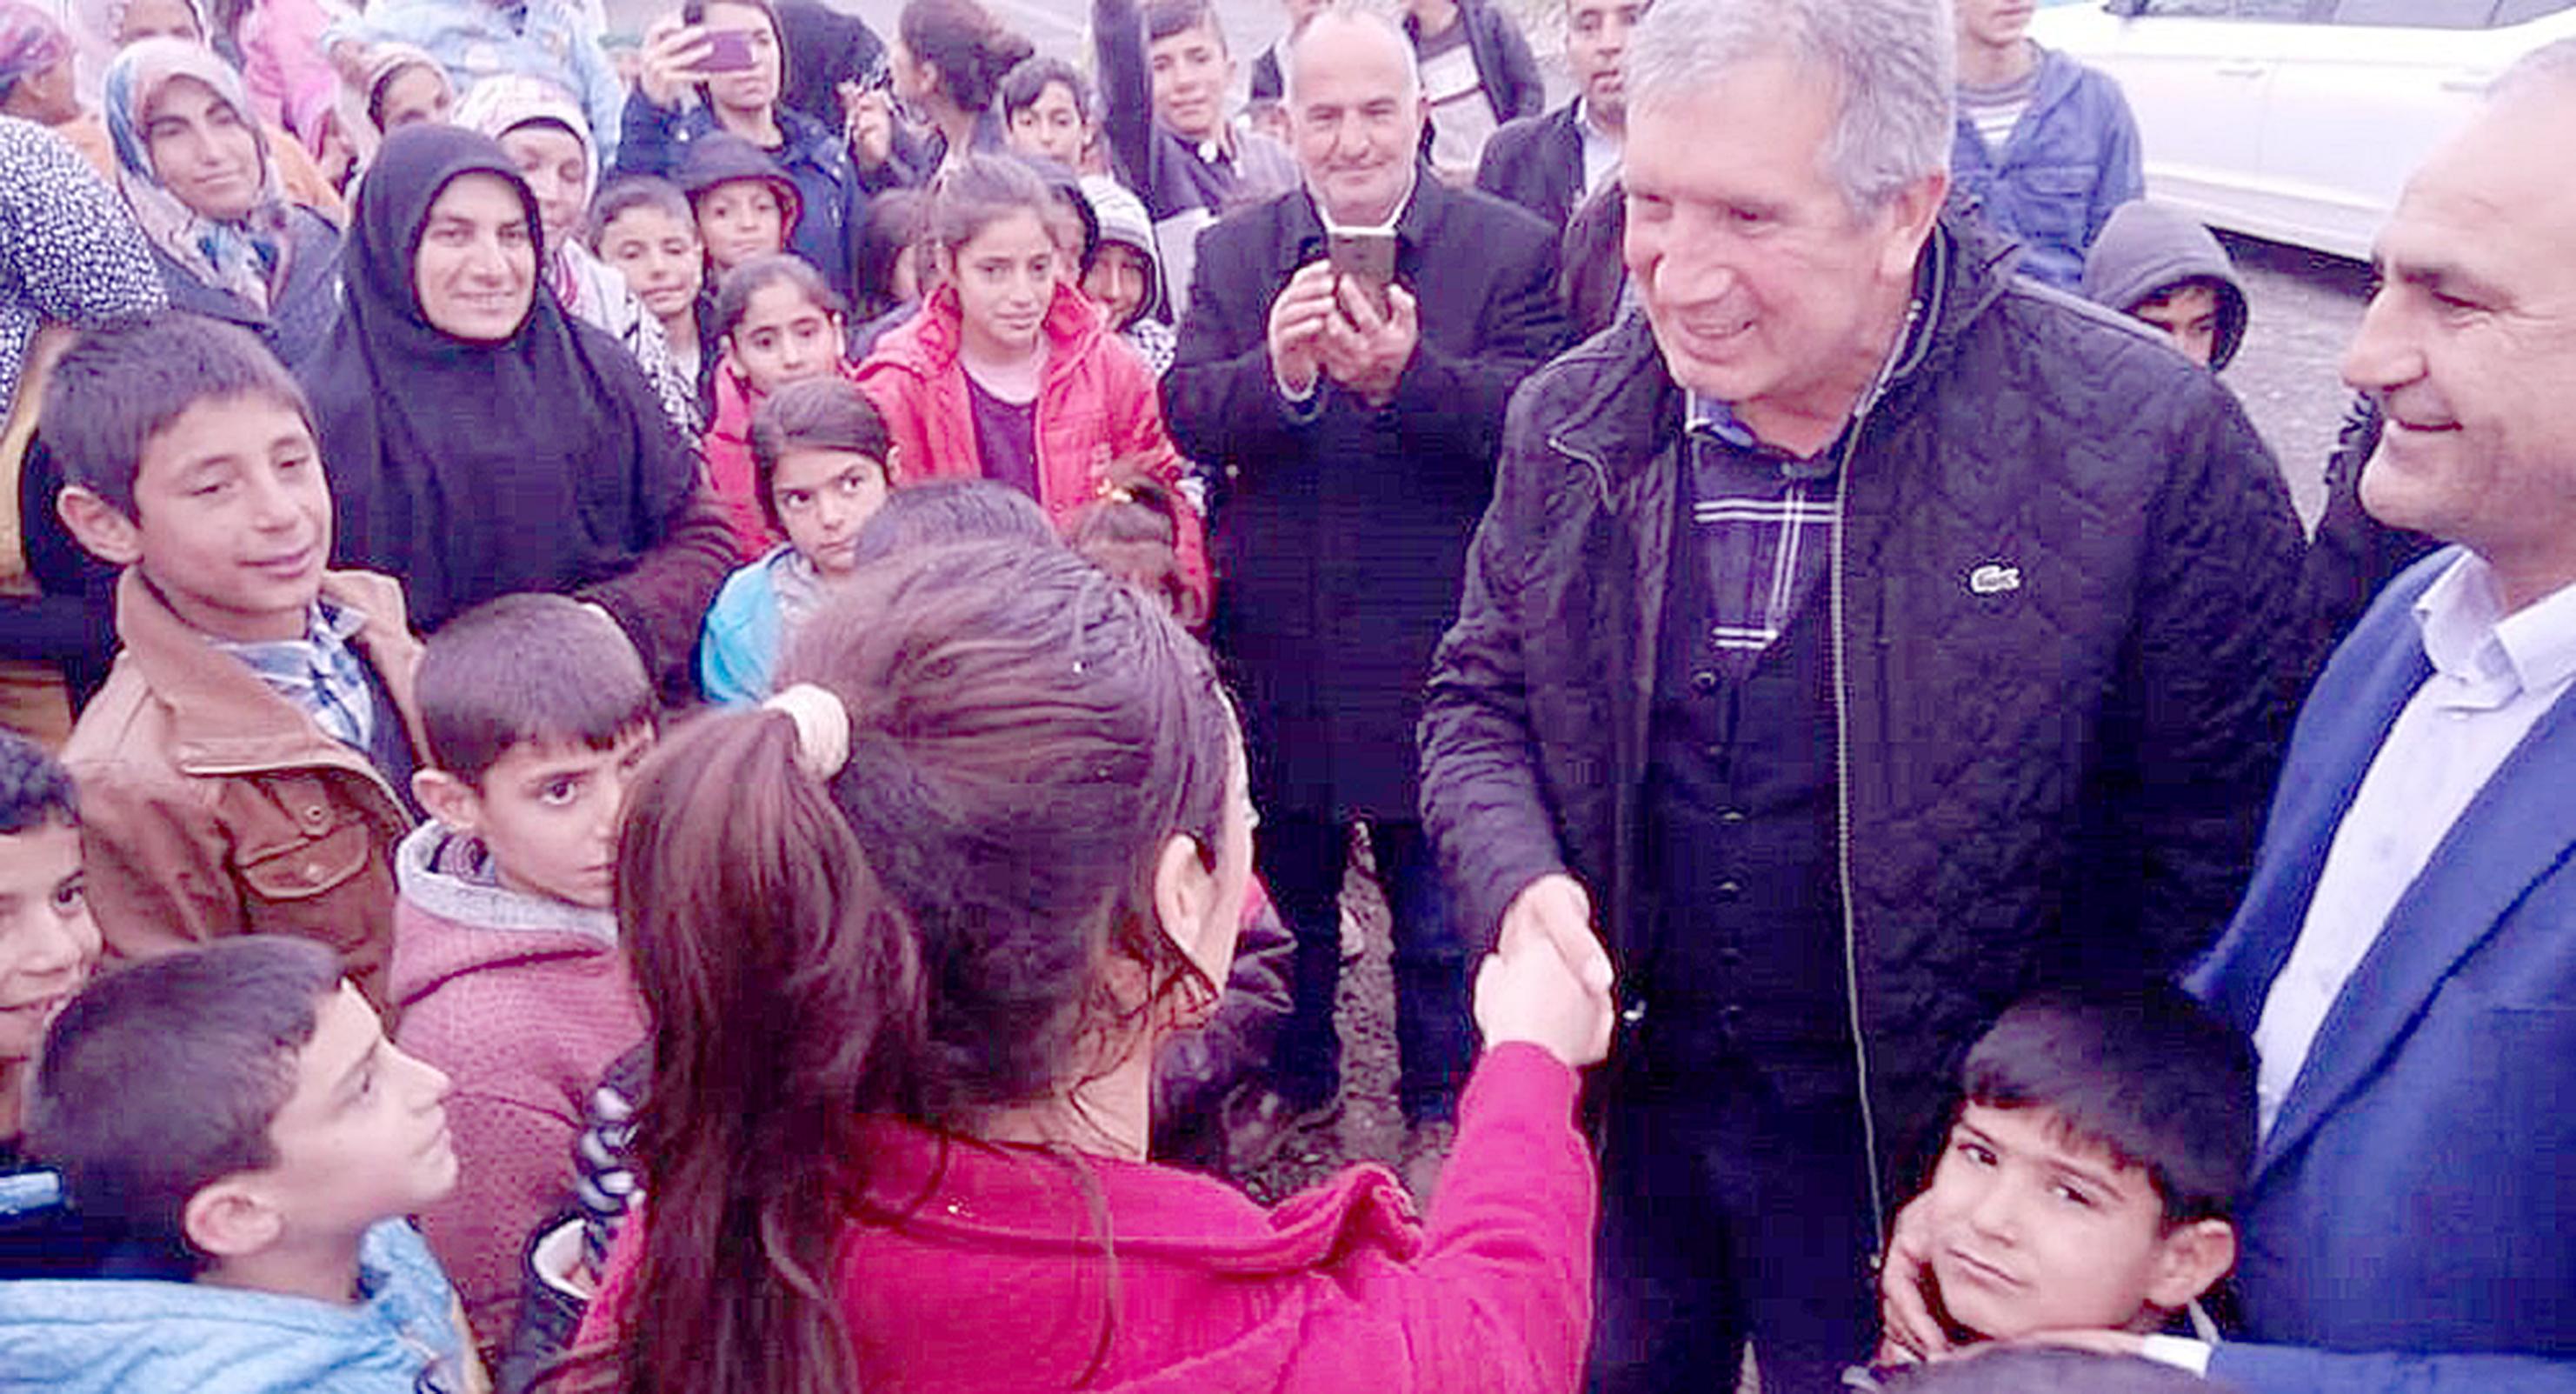 VİDEO-SP'li Akmeşe: Ak Partili başkanın yakınları saldırdı